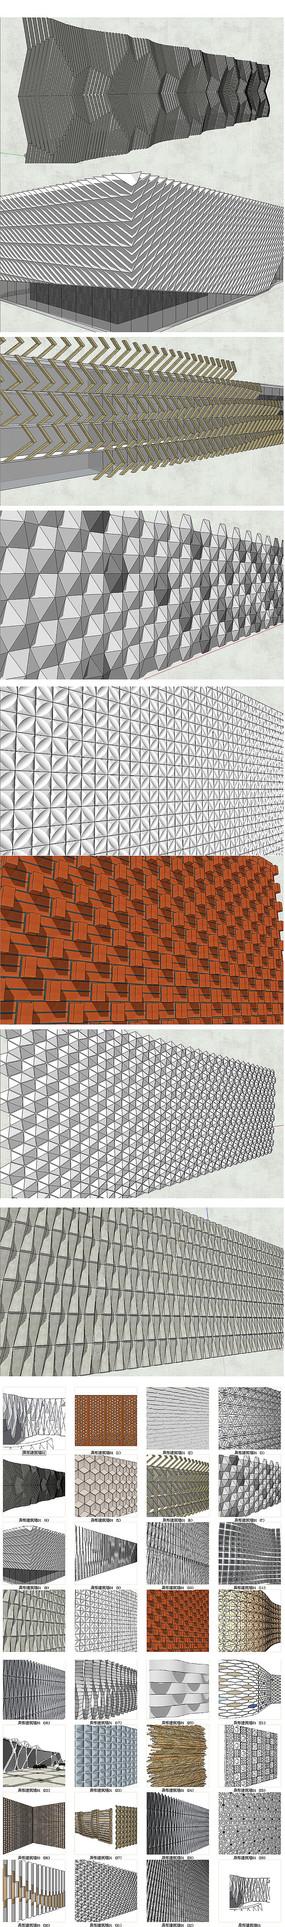 异形建筑墙